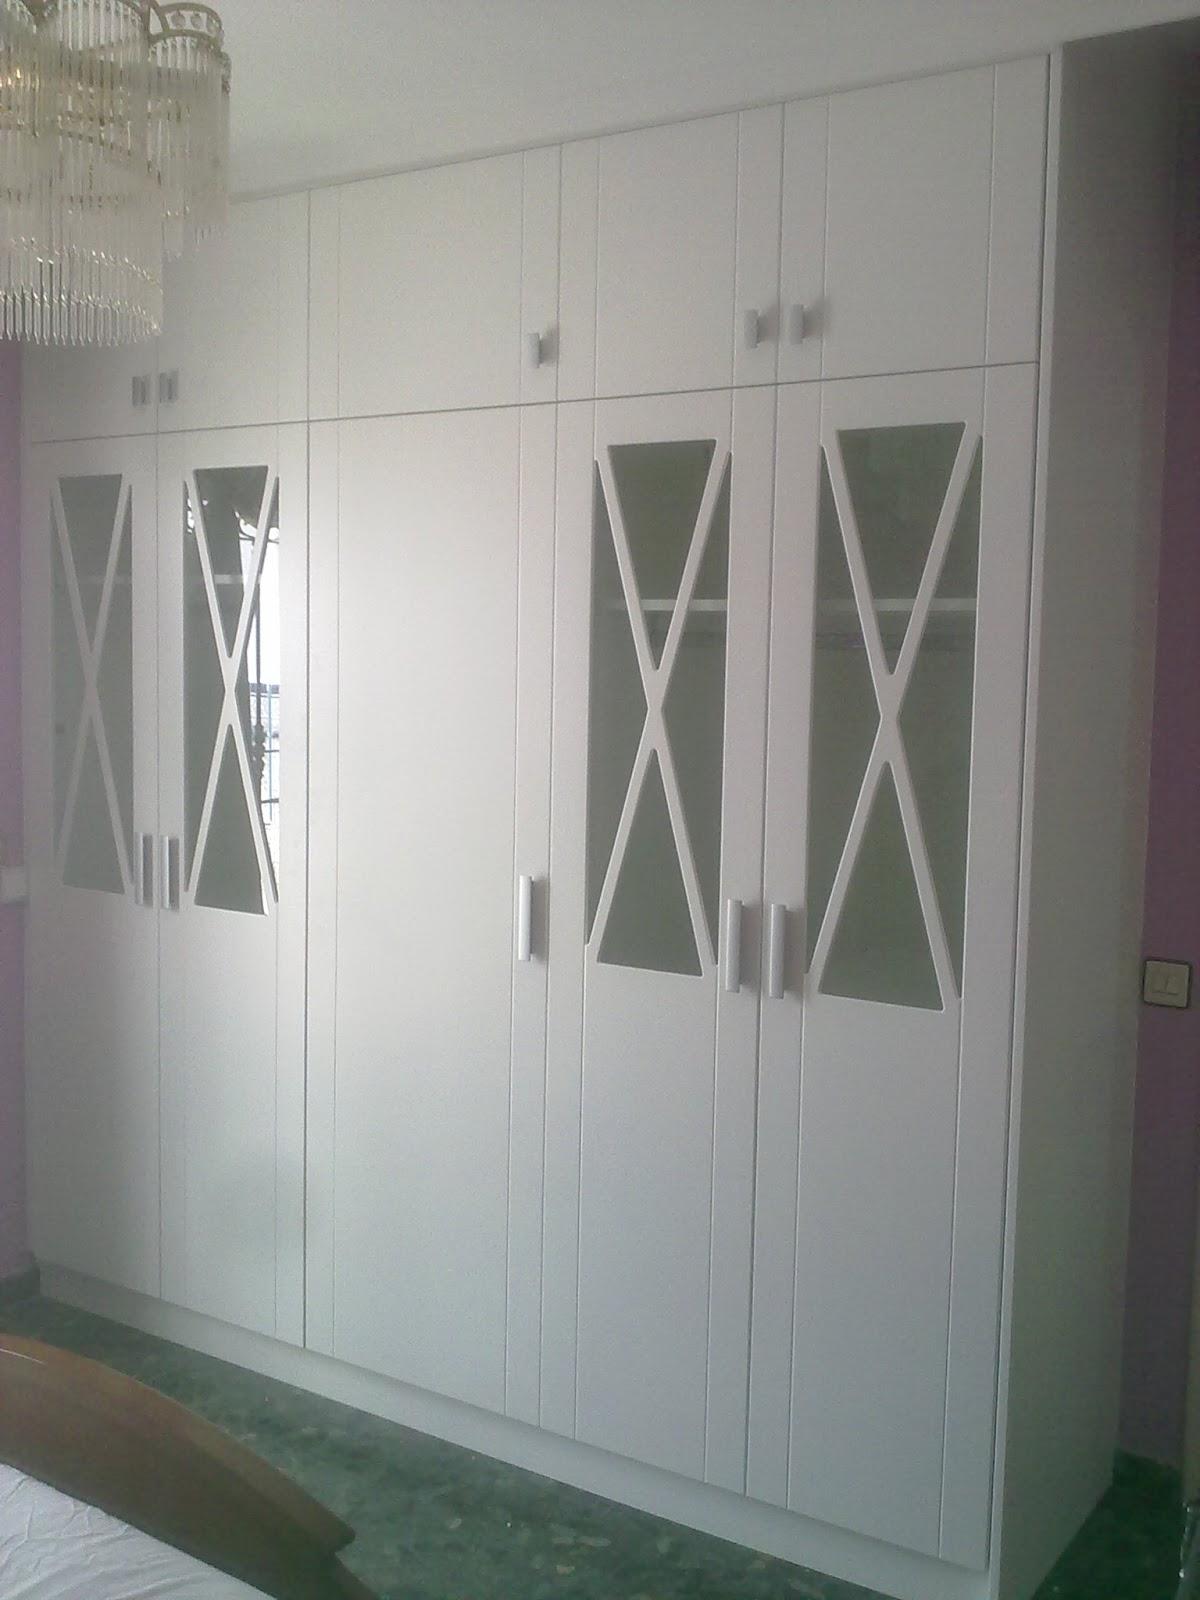 Carpinteria los molinos fotos de trabajos de dormitorios - Armarios de cristal ...